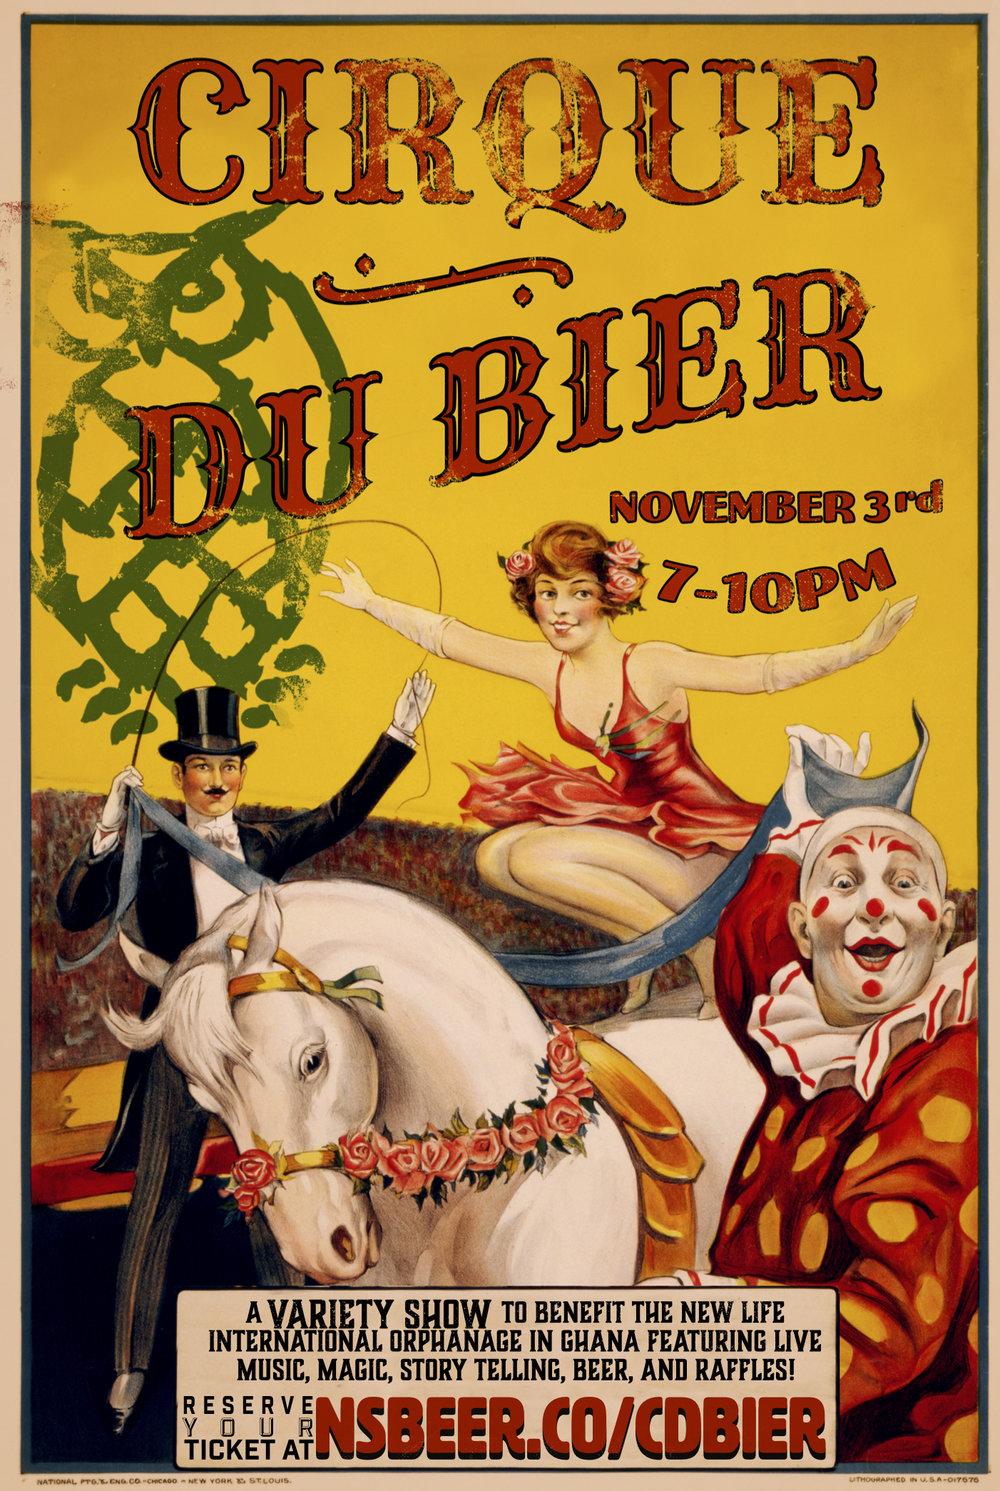 Cirque Du Bier